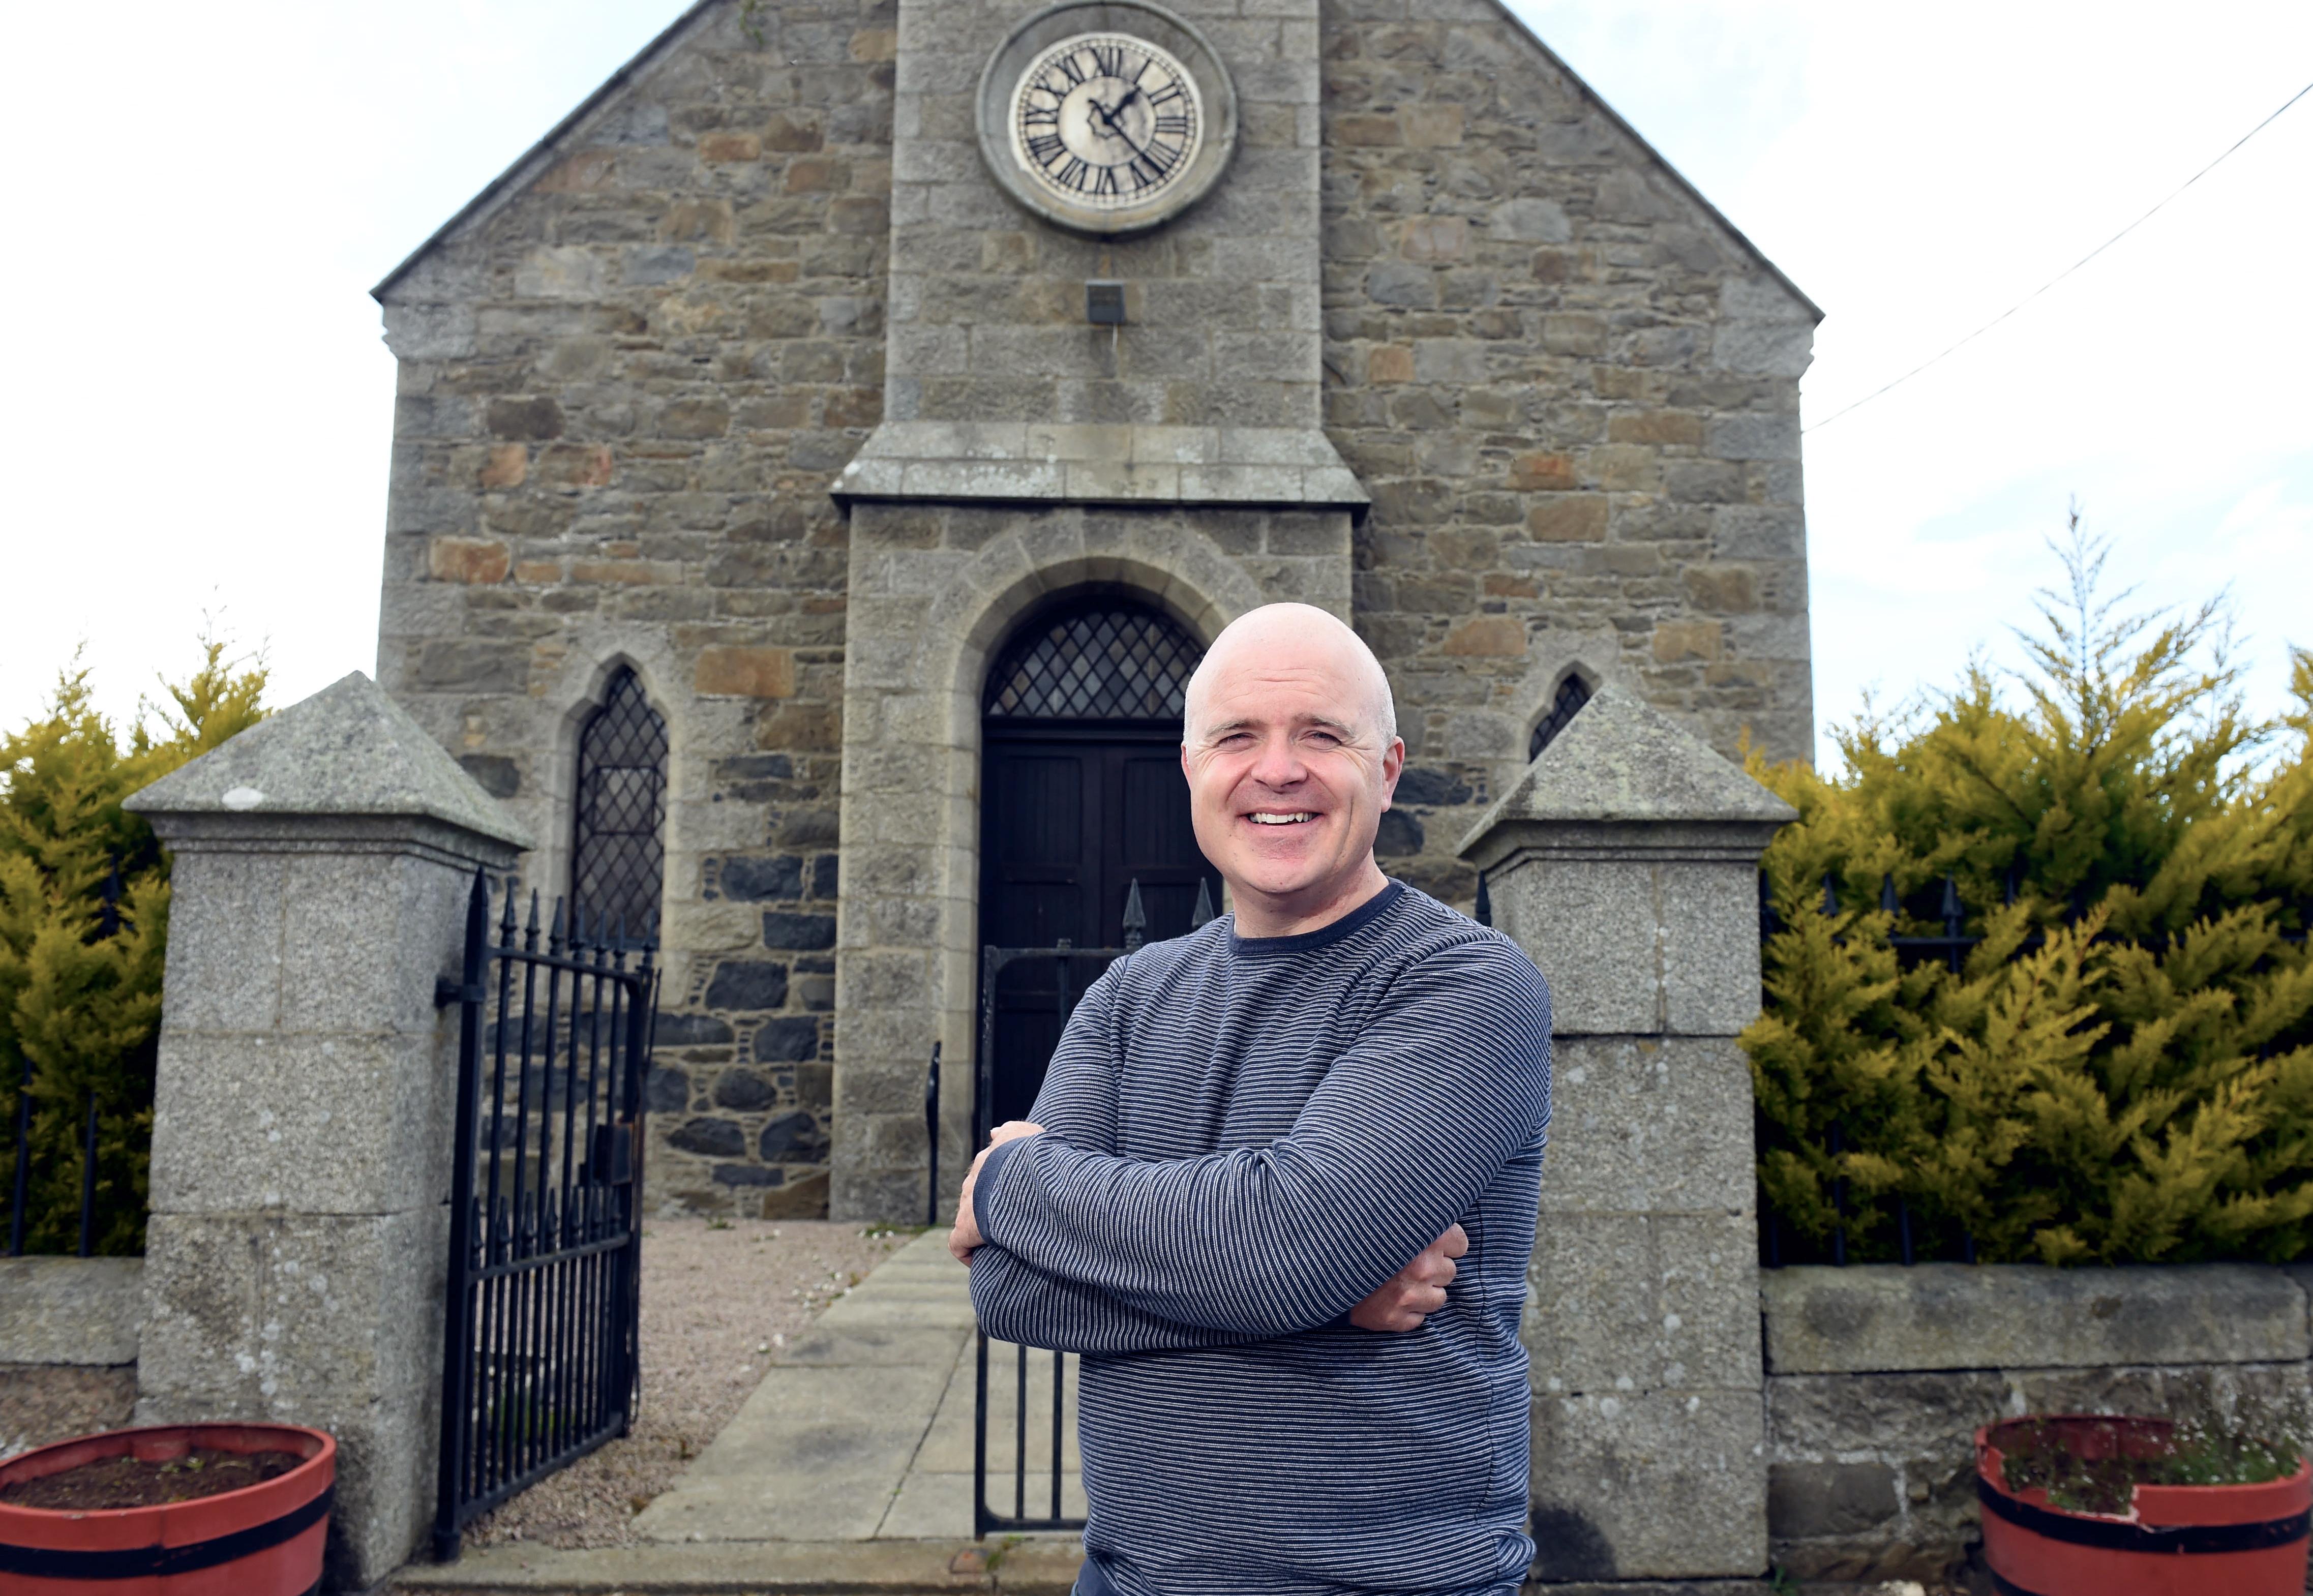 Stuart Watt at the church